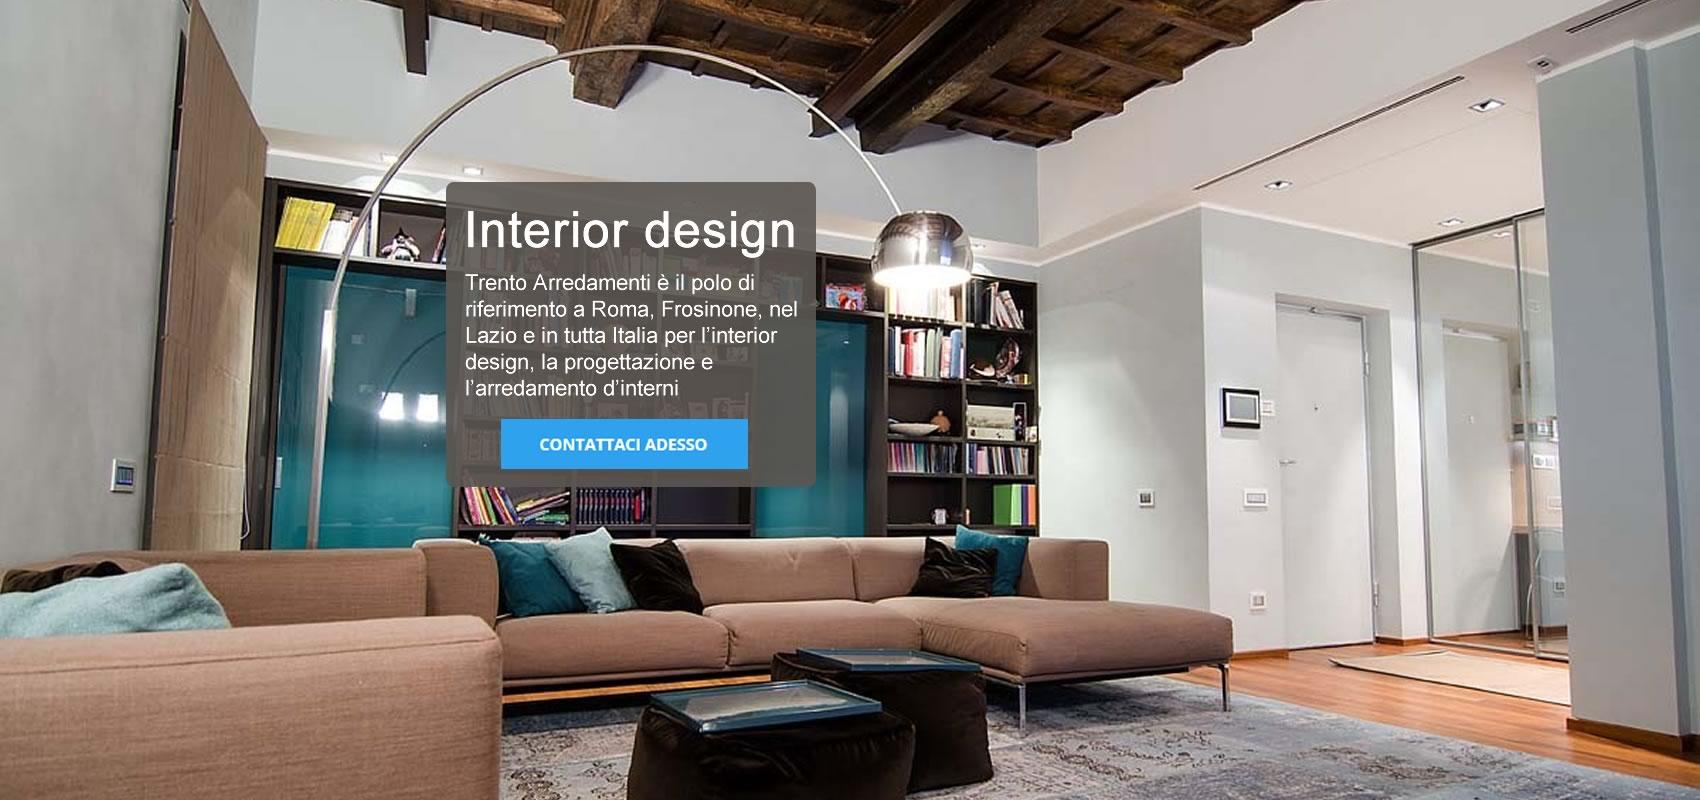 Interior design arredamento architettura di interni roma for Interior designer a roma